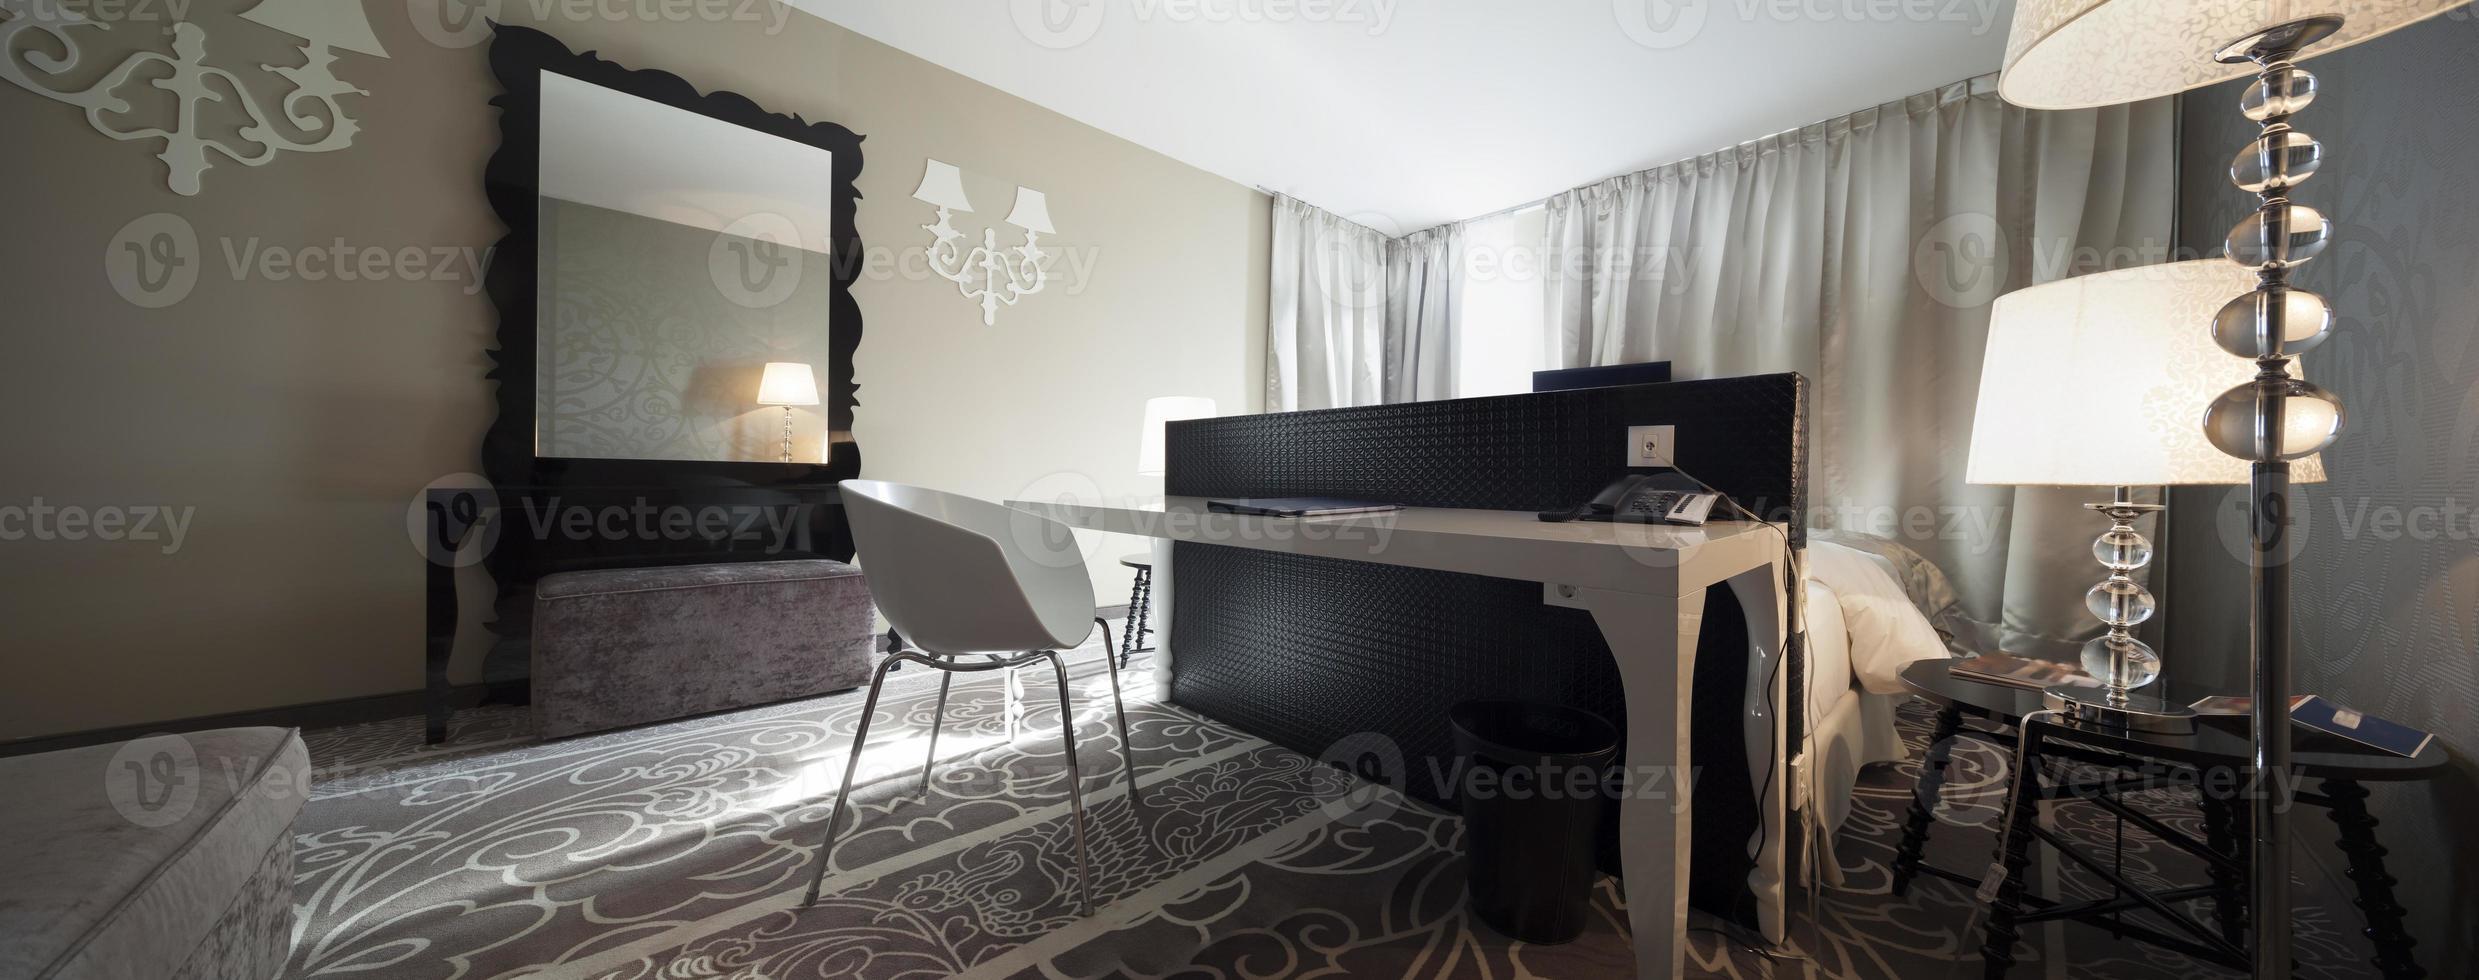 tavolo bianco in camera da letto, camera da letto, panorama senza soluzione di continuità realizzato con fino a foto